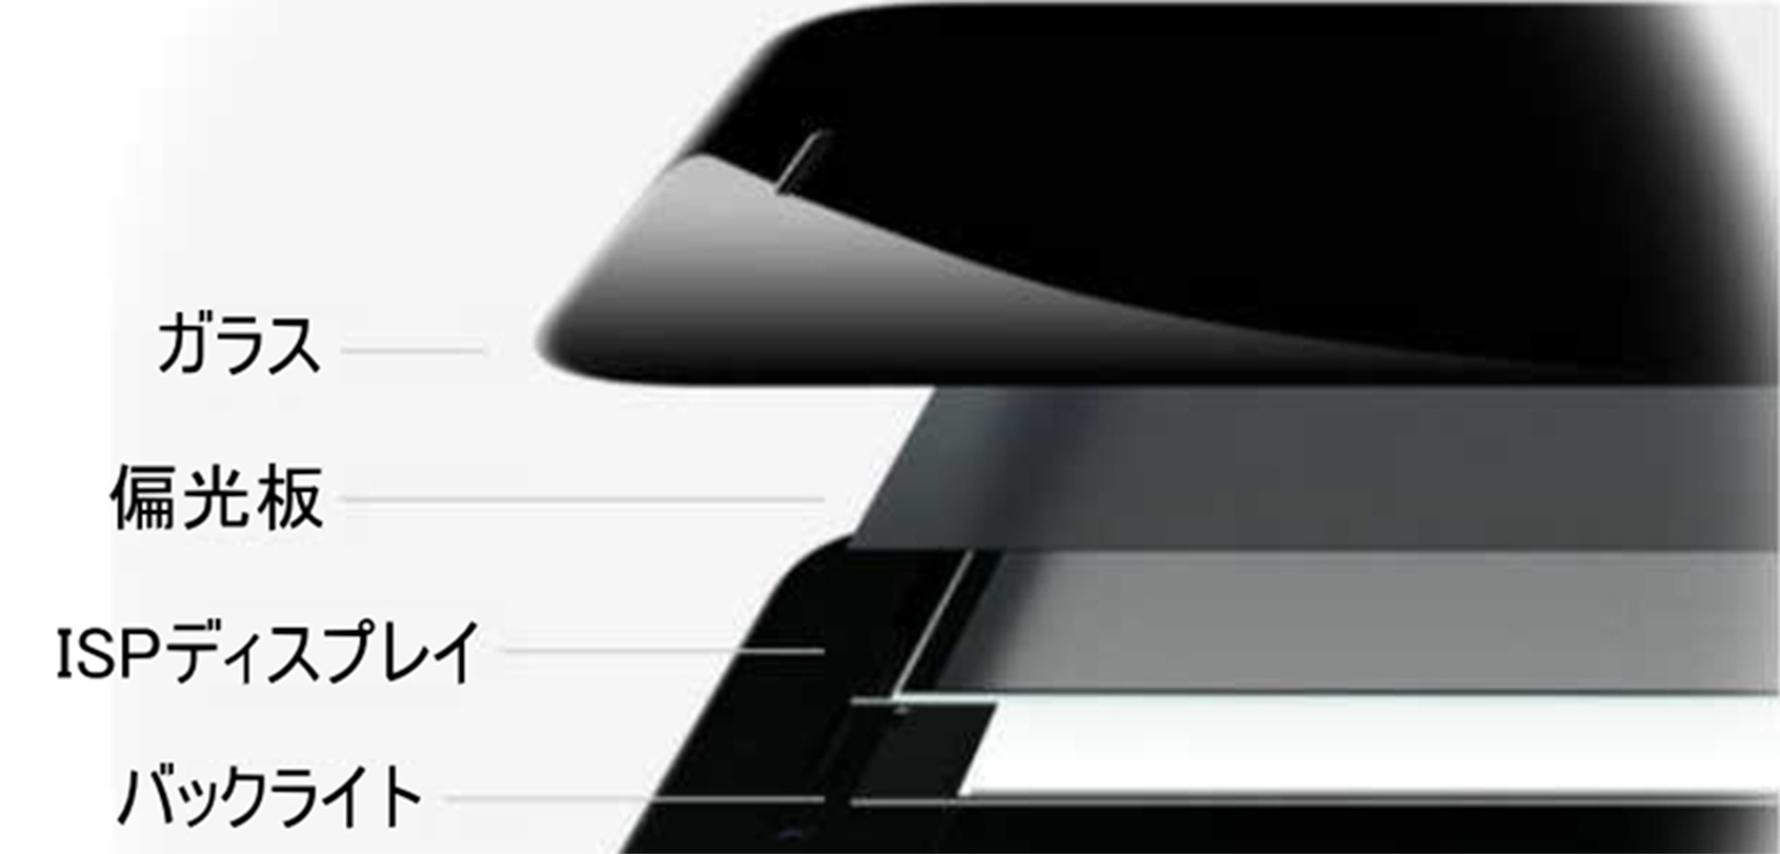 ガラス 偏光板 ISPディスプレイ バックライト